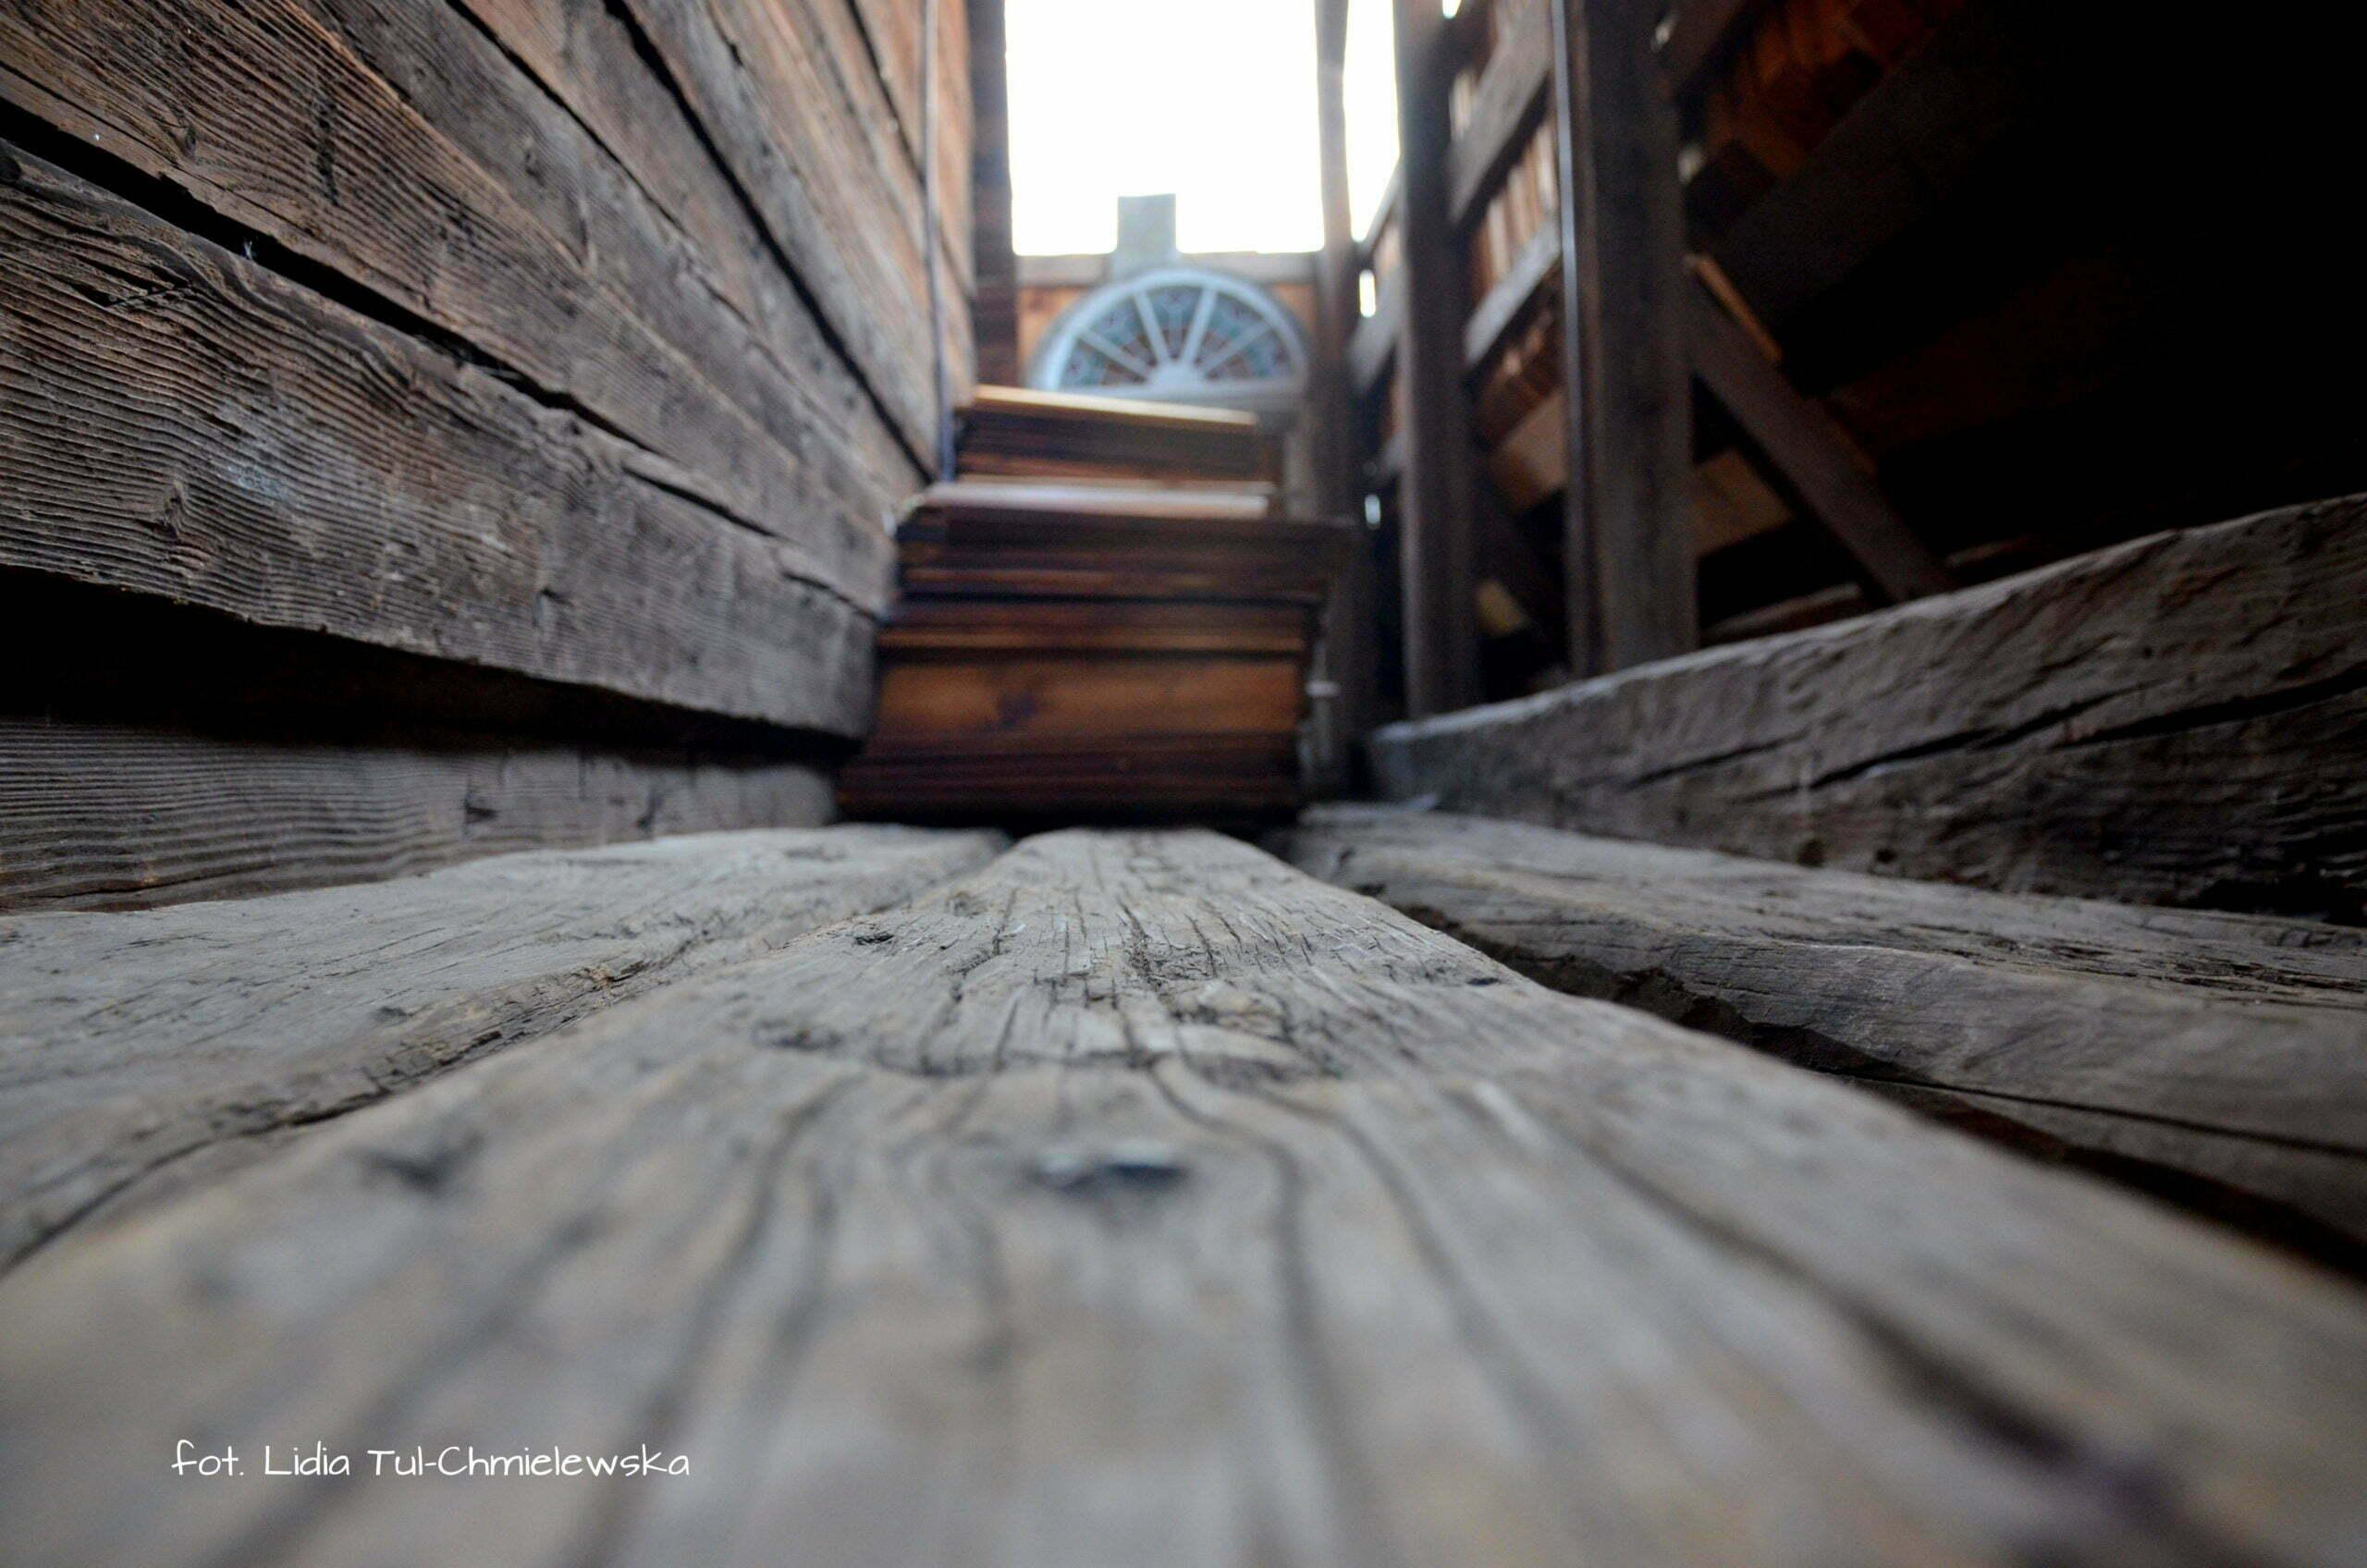 Cerkwie pachną starym drewnem fot. Lidia Tul-Chmielewska